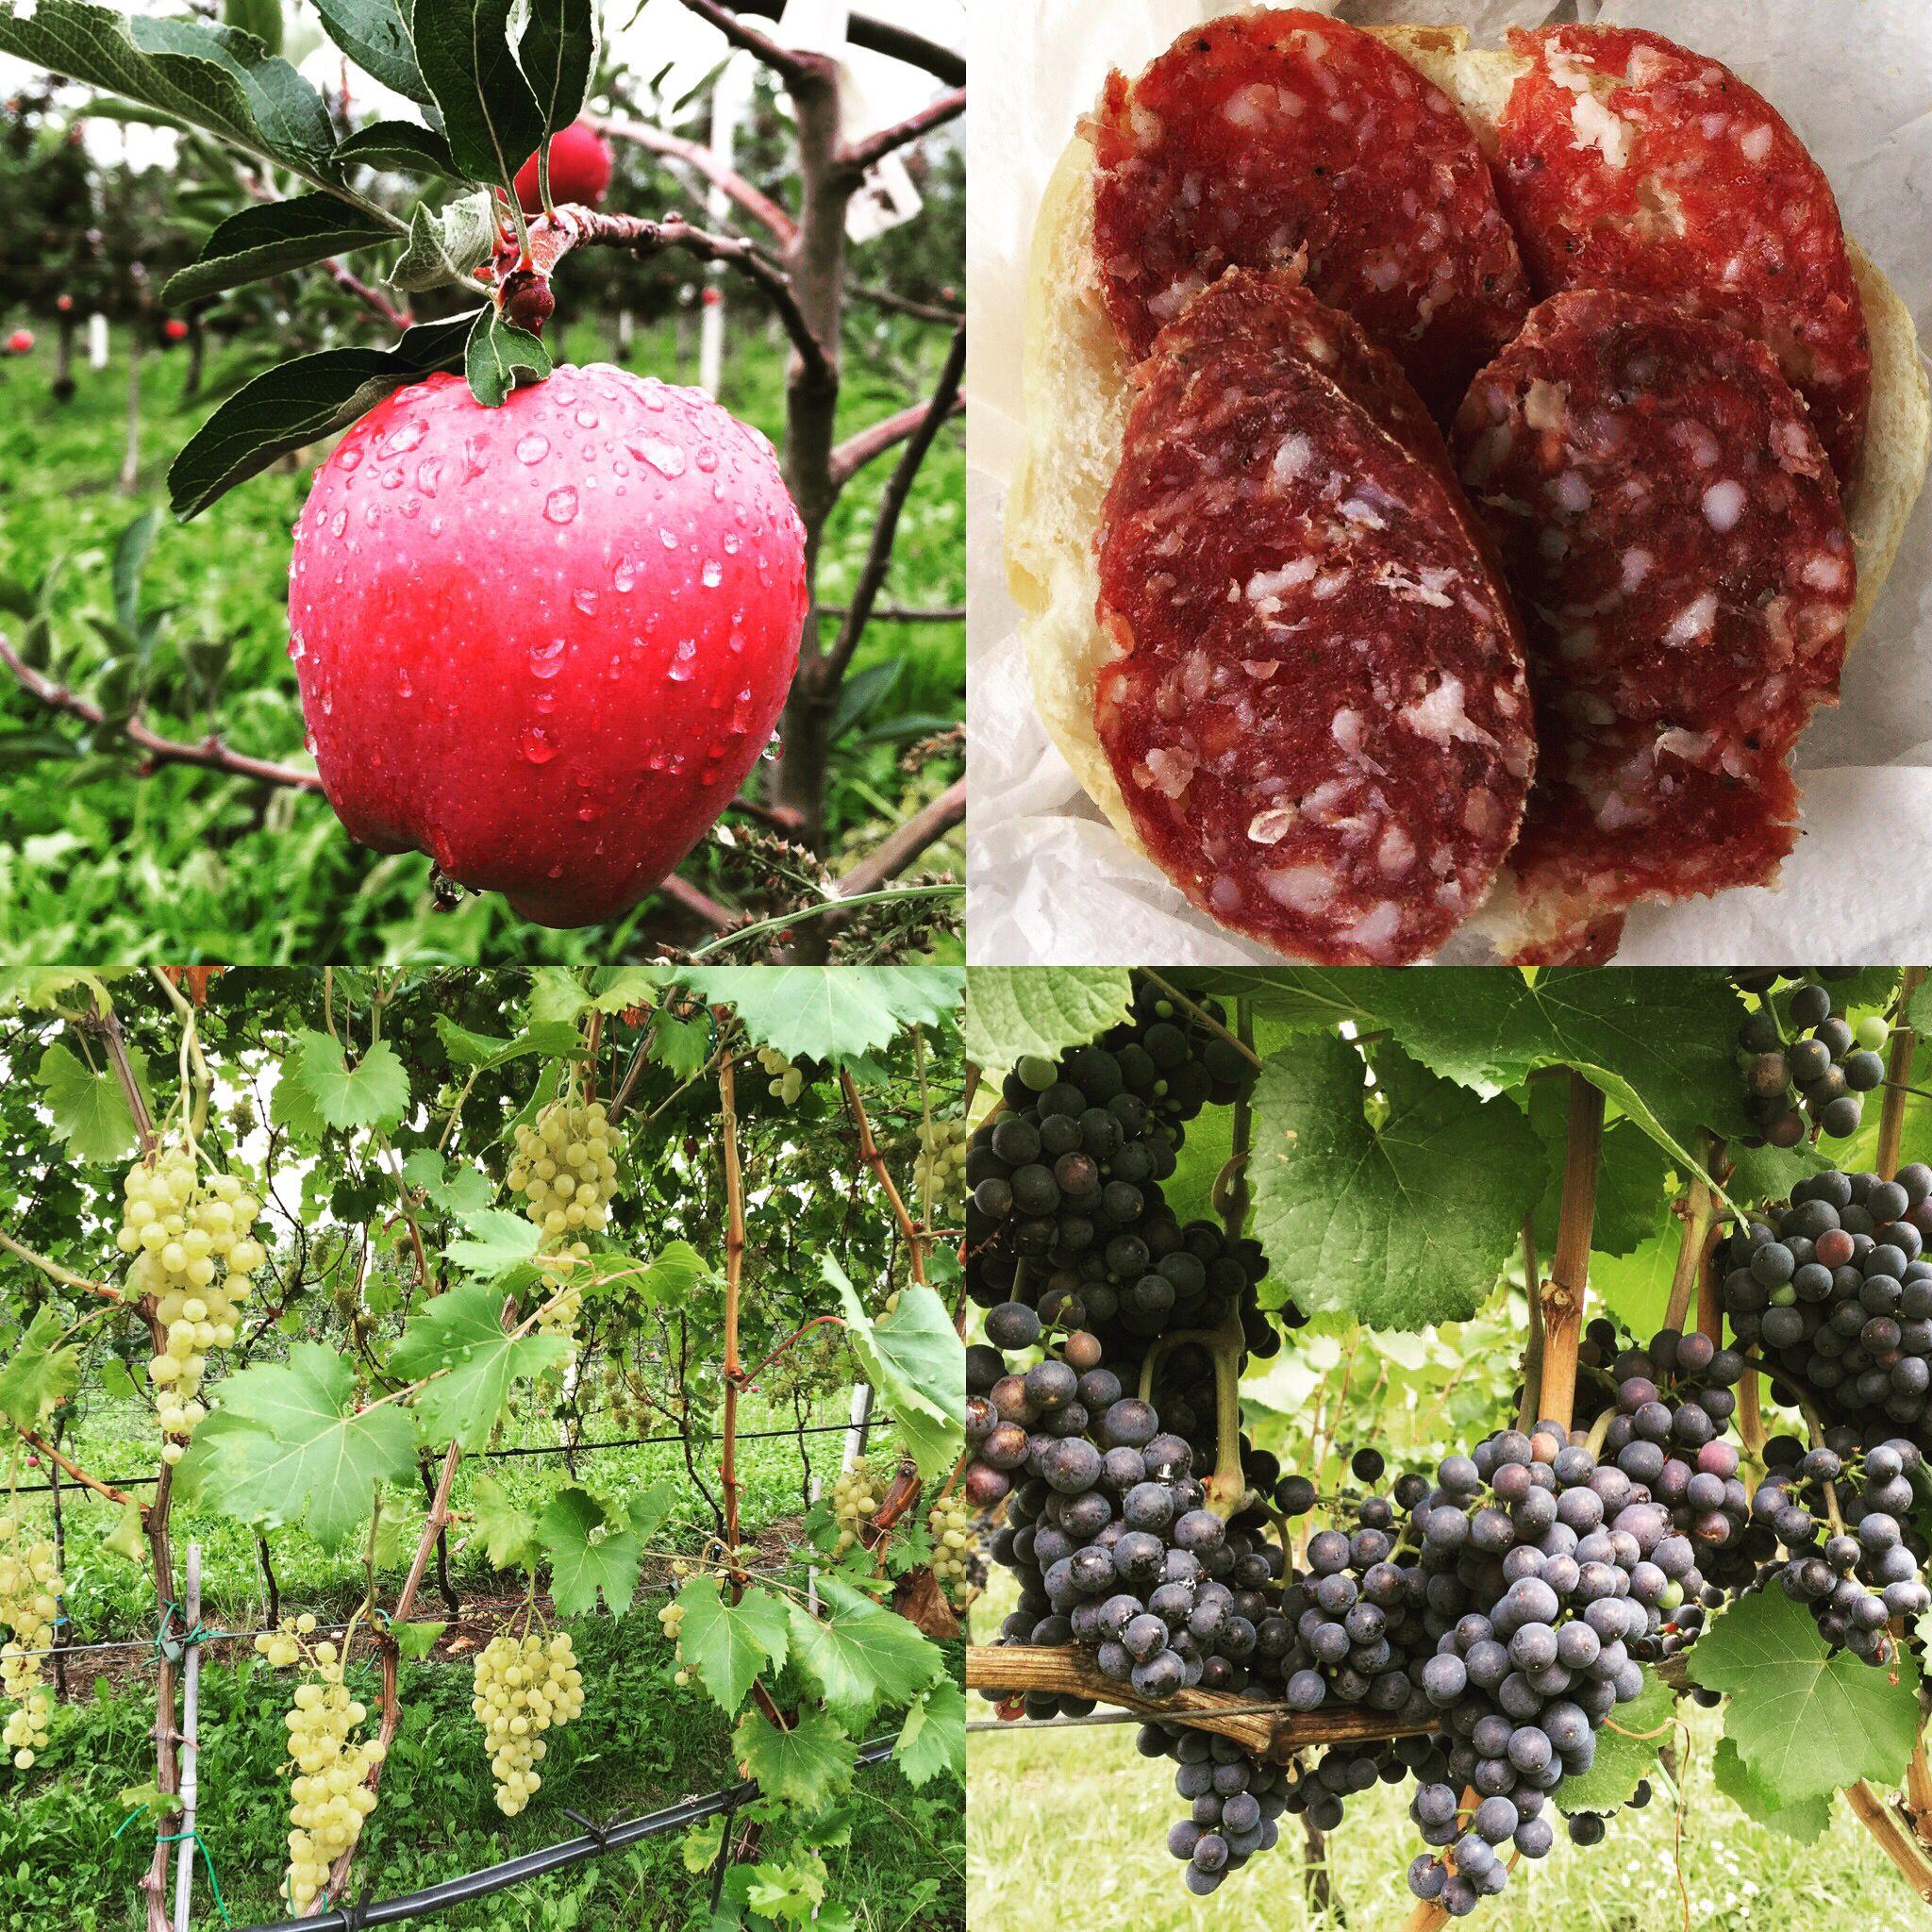 #Trentino #salame di #cervo, #puzzone di #Moena e acqua di #Montagna. Immersi nella #vite di #Pinot grigio e nero.